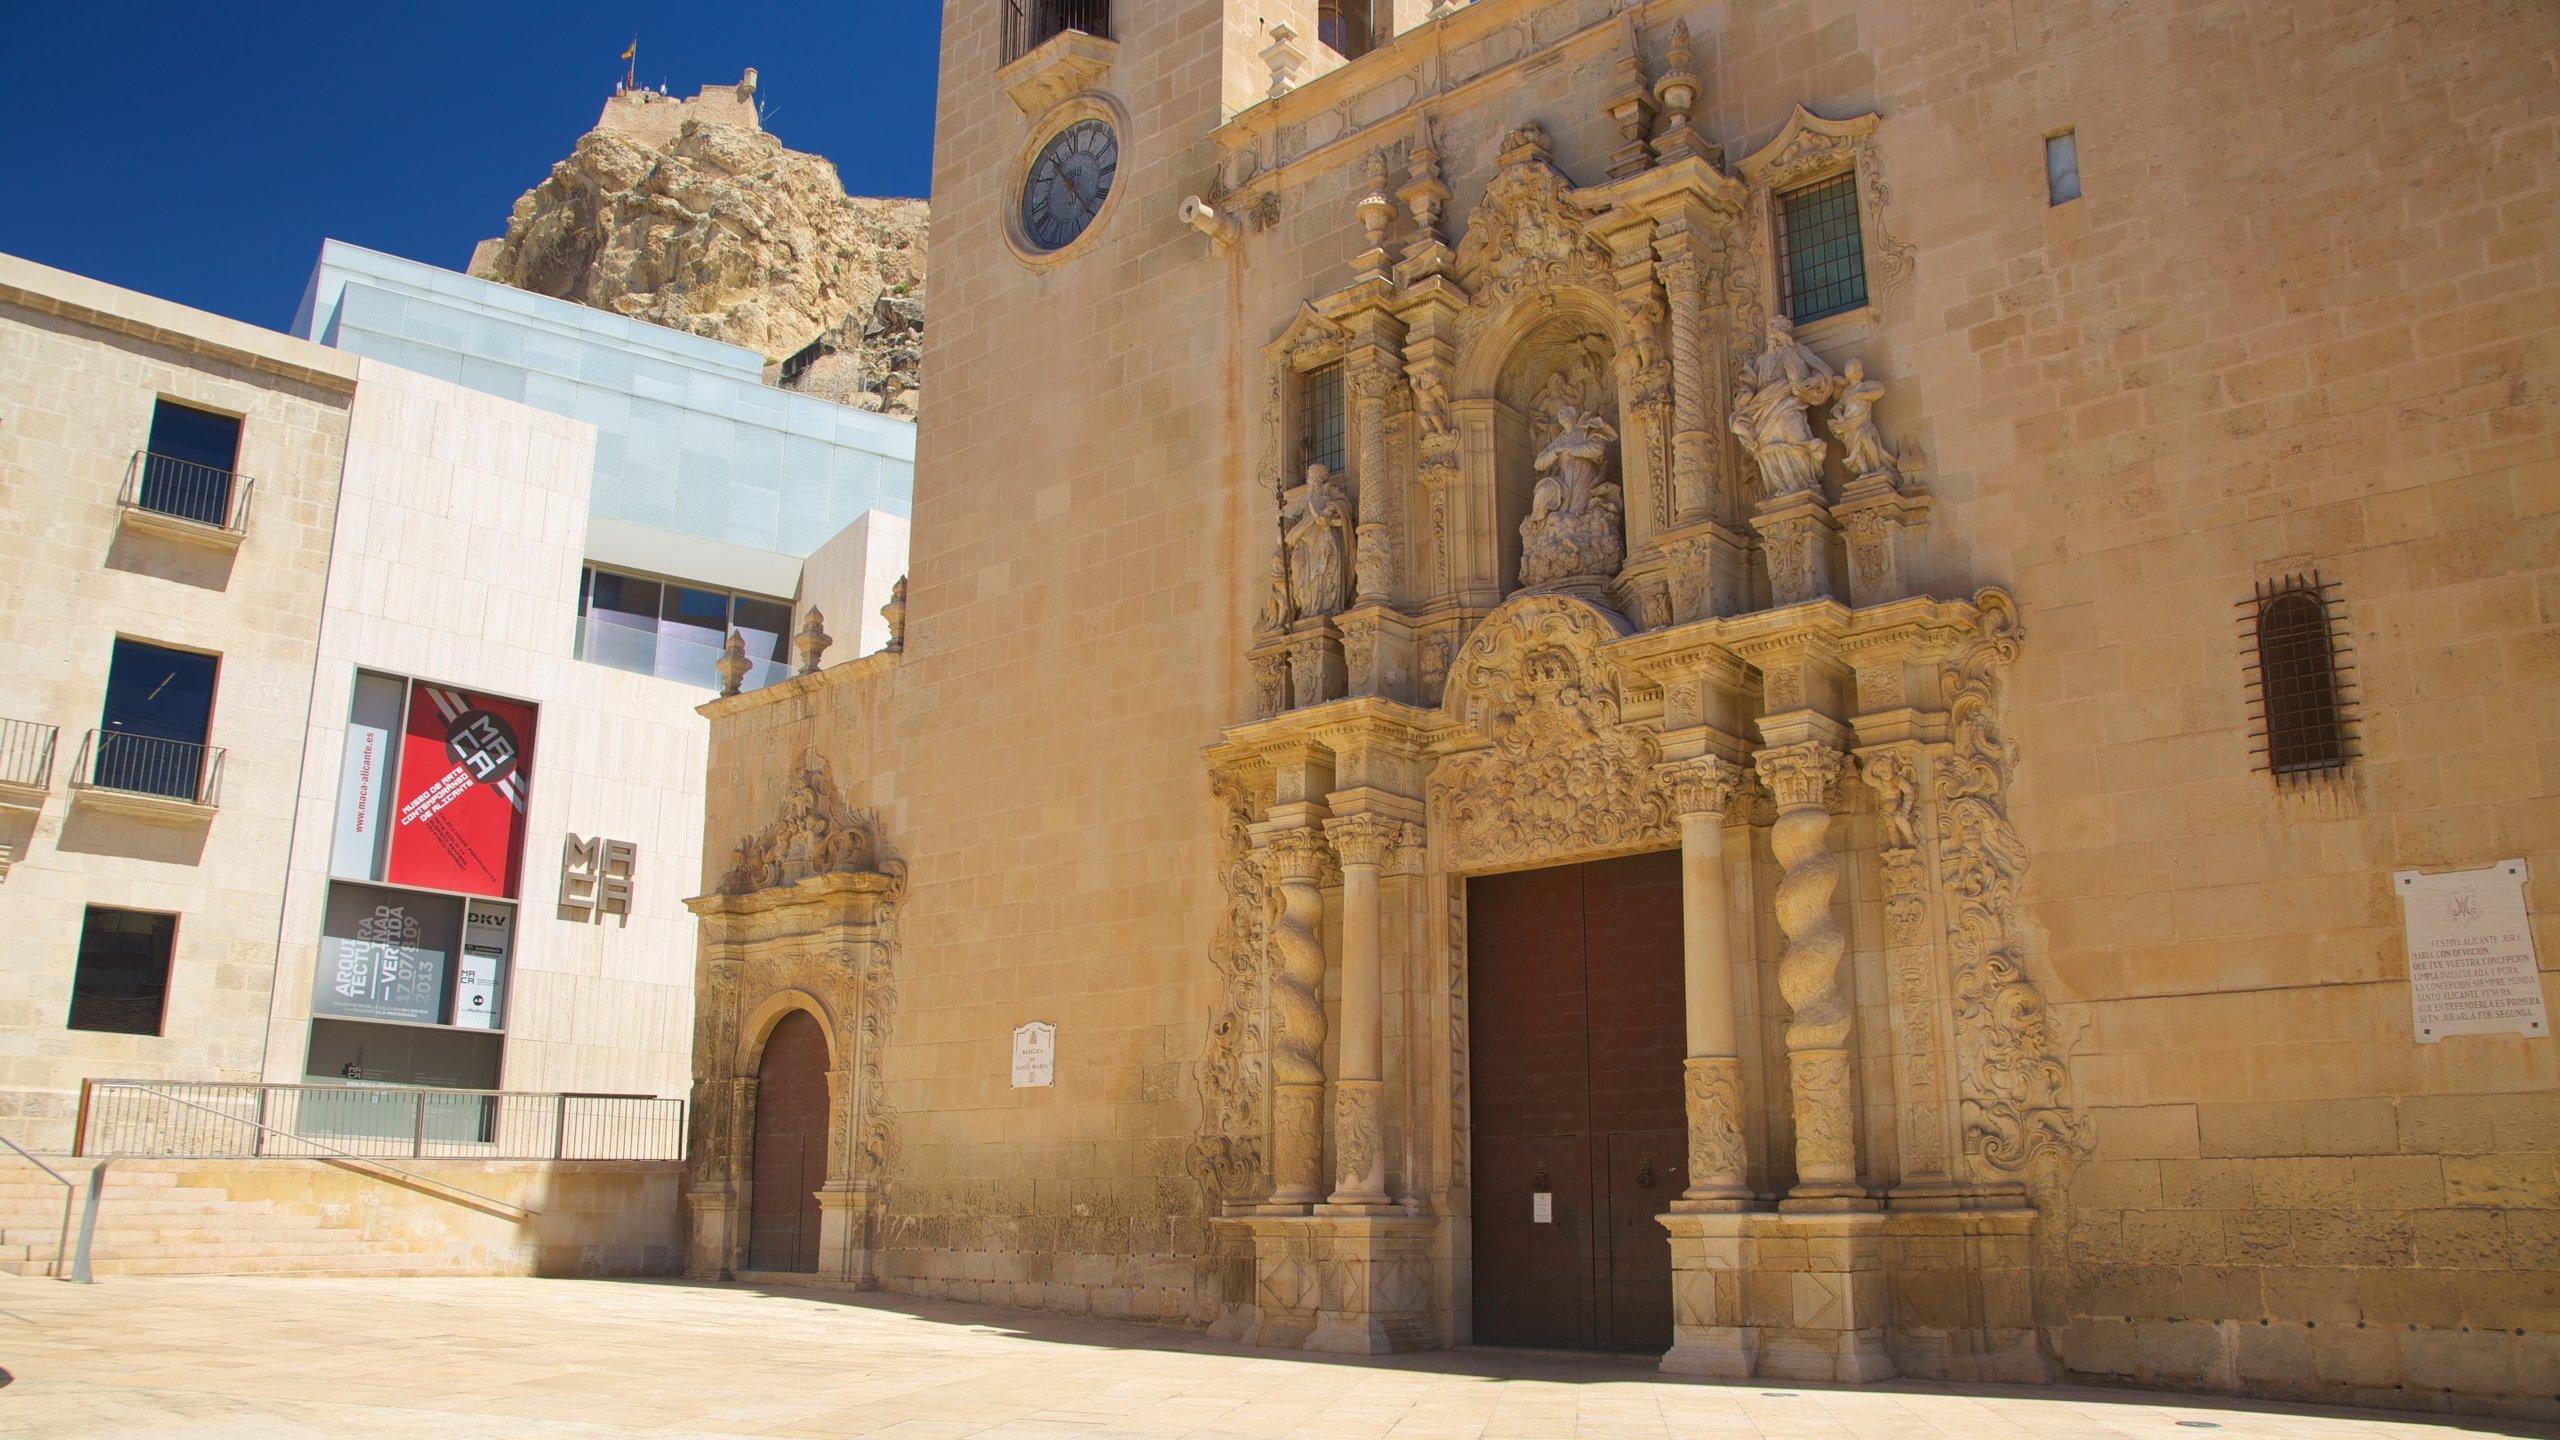 Al meer dan 500 jaar lang vormt deze kerk het hart van de rooms-katholieke gemeenschap van Alicante. Maar alleen al vanwege haar inspirerende architectuur is de kerk een bezoek meer dan waard.